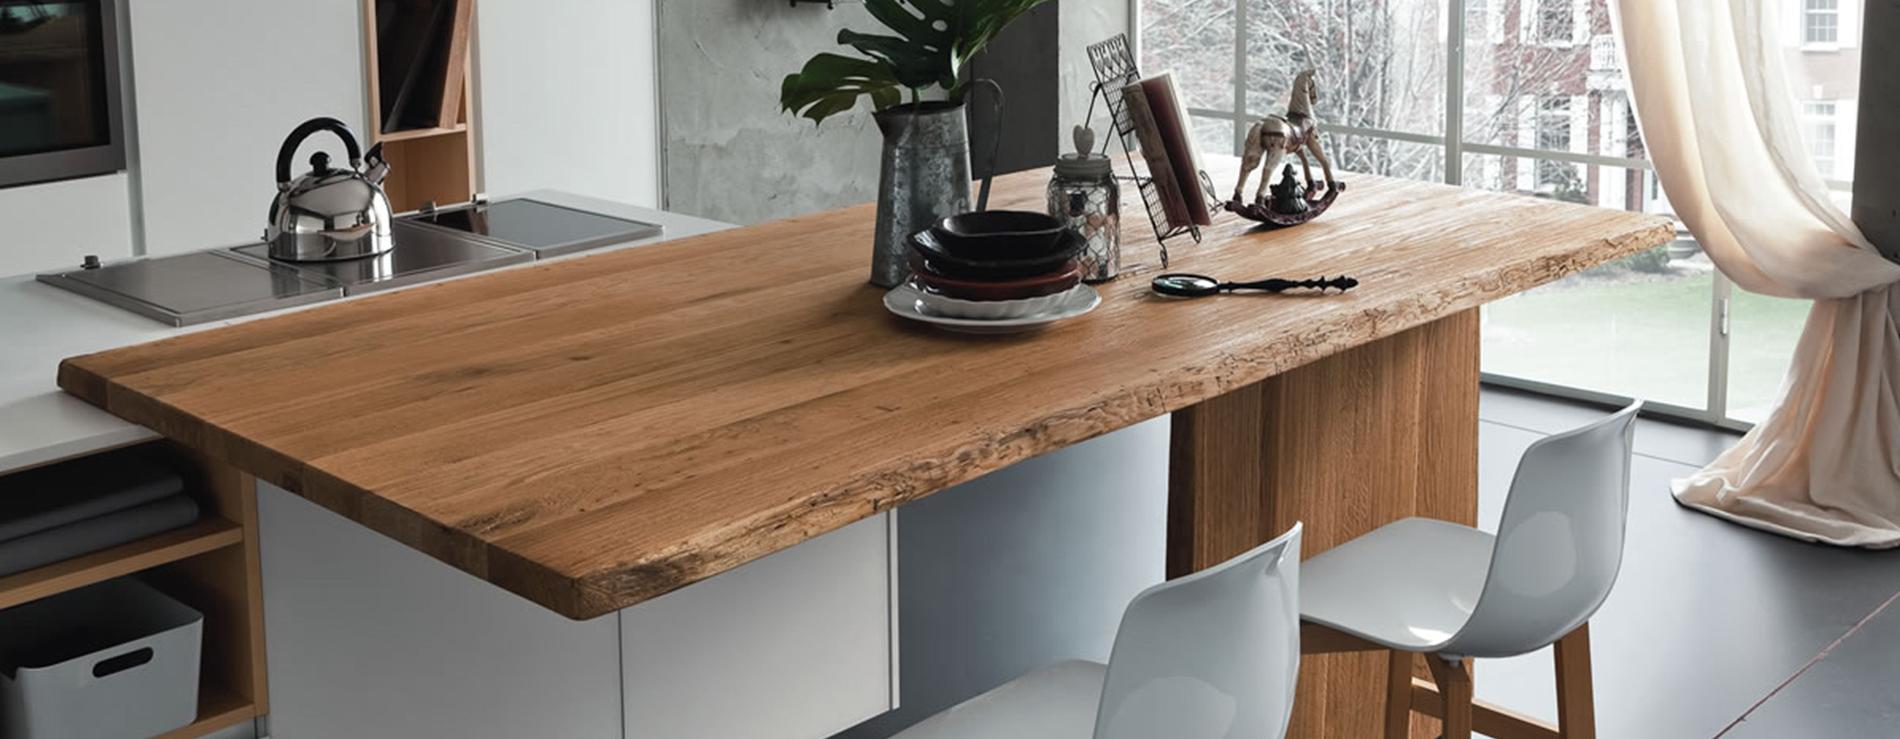 Tavolo penisola altacorte centro mobili - Tavolo con sedie per cucina ...